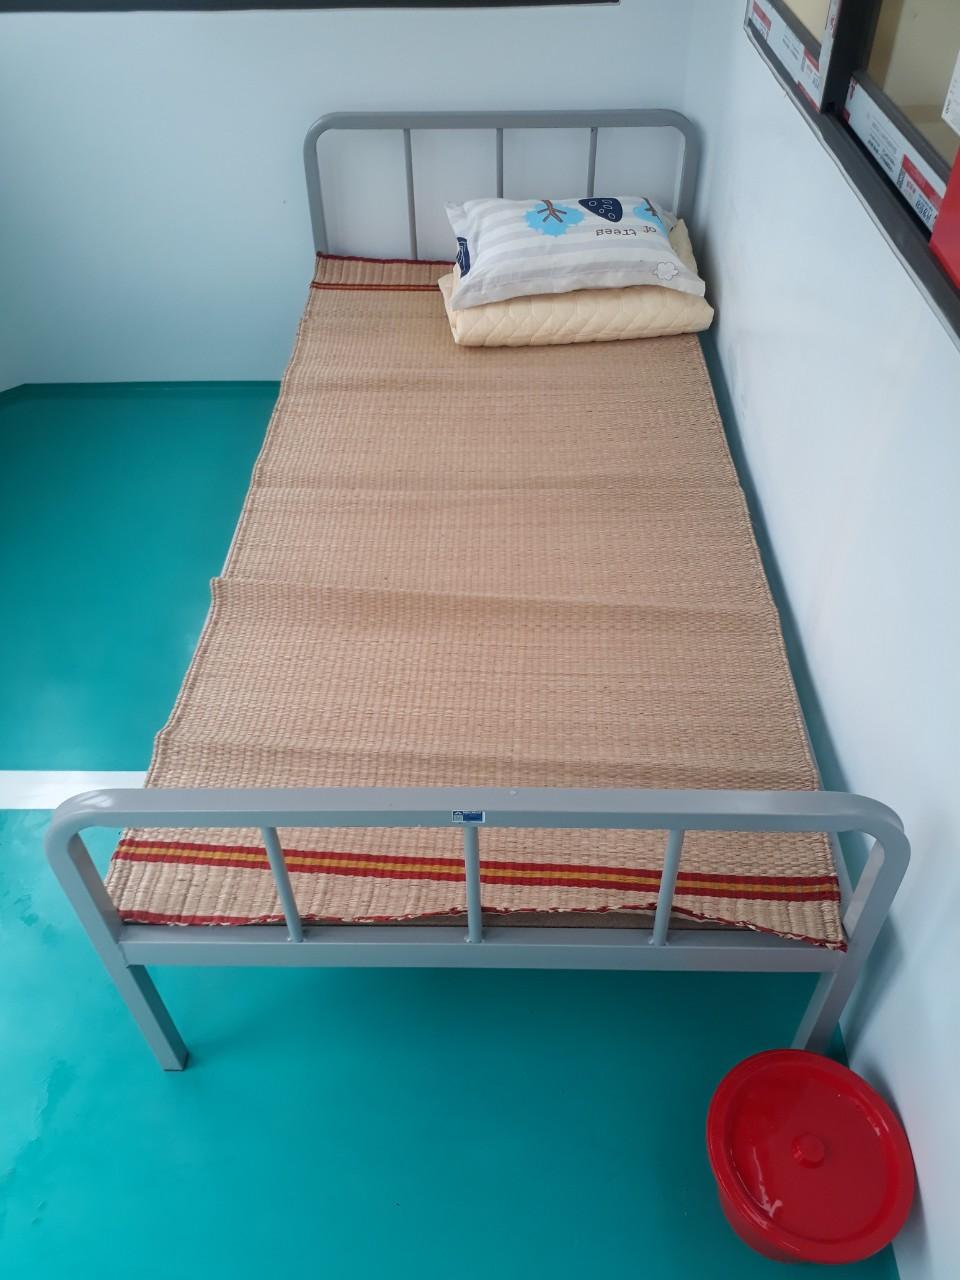 Có thể kê giường ngủ cho người cách ly